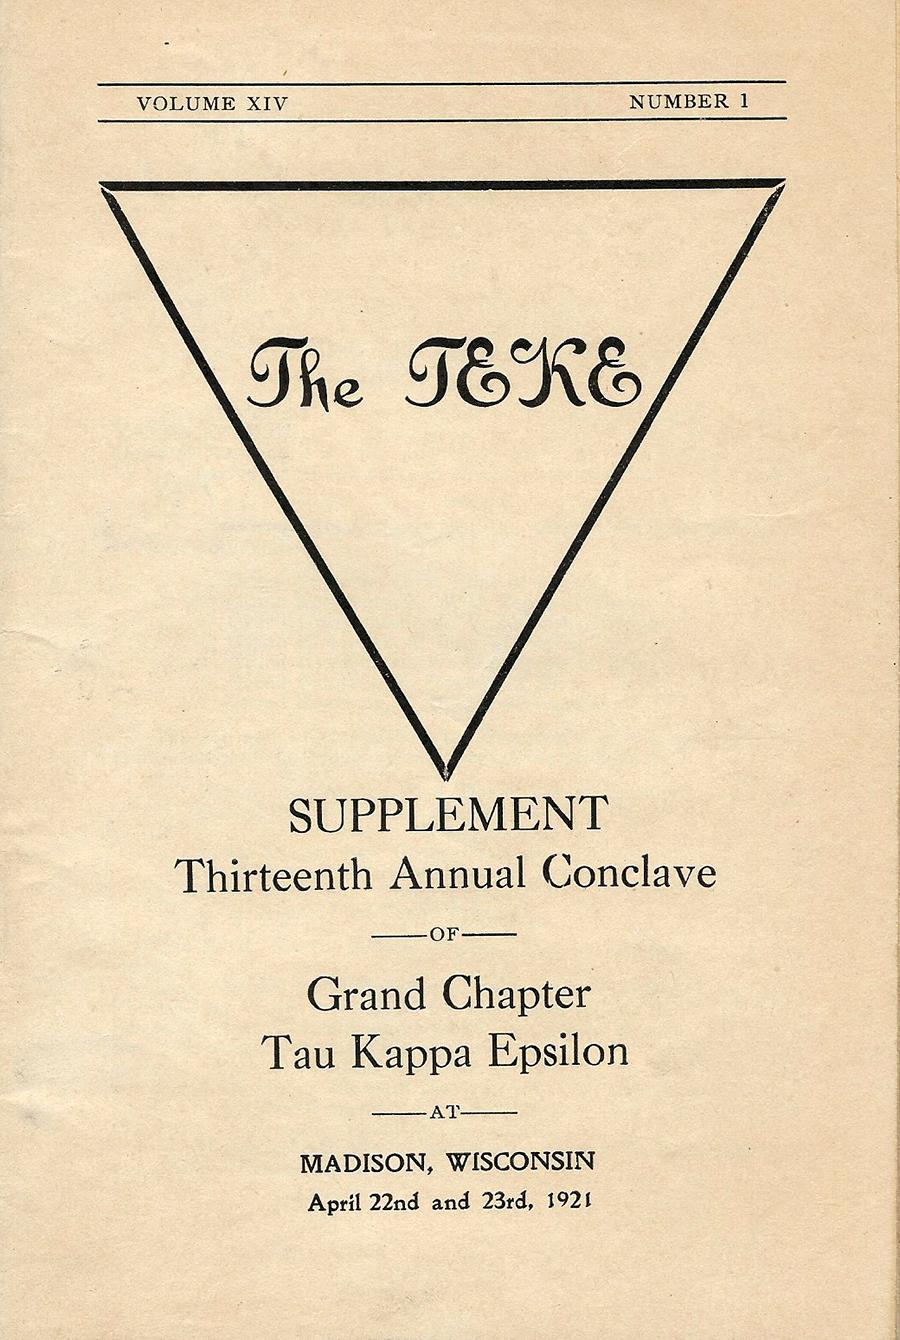 Conclave 1921